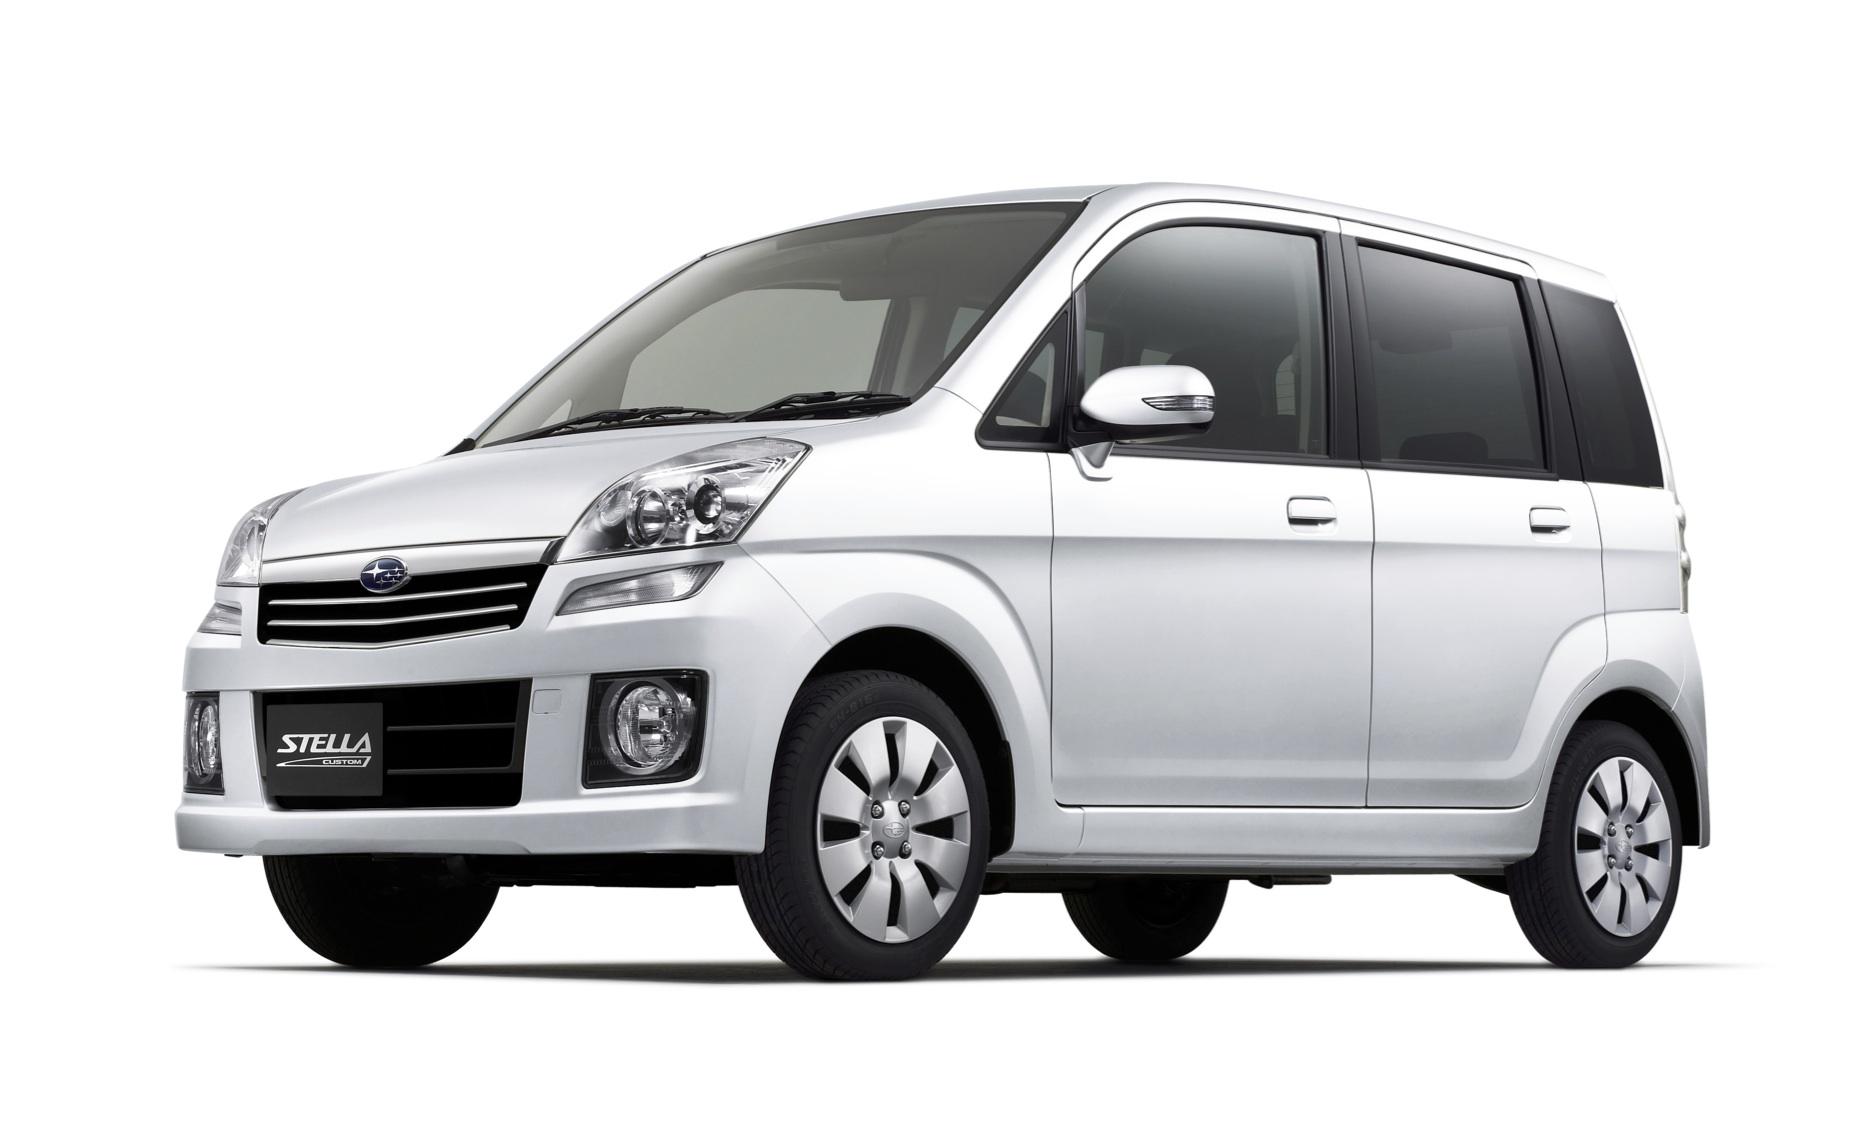 Subaru Stella I 2006 - 2011 Microvan #6